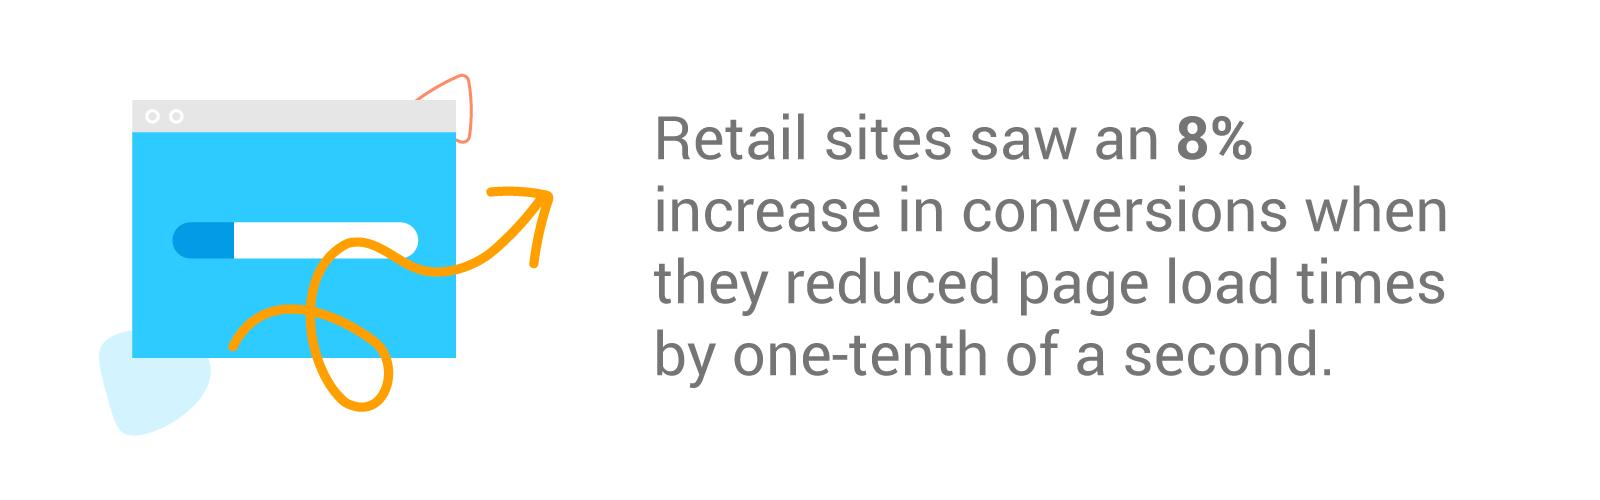 Gráfico mostrando aumento de 8% em conversões para o varejo